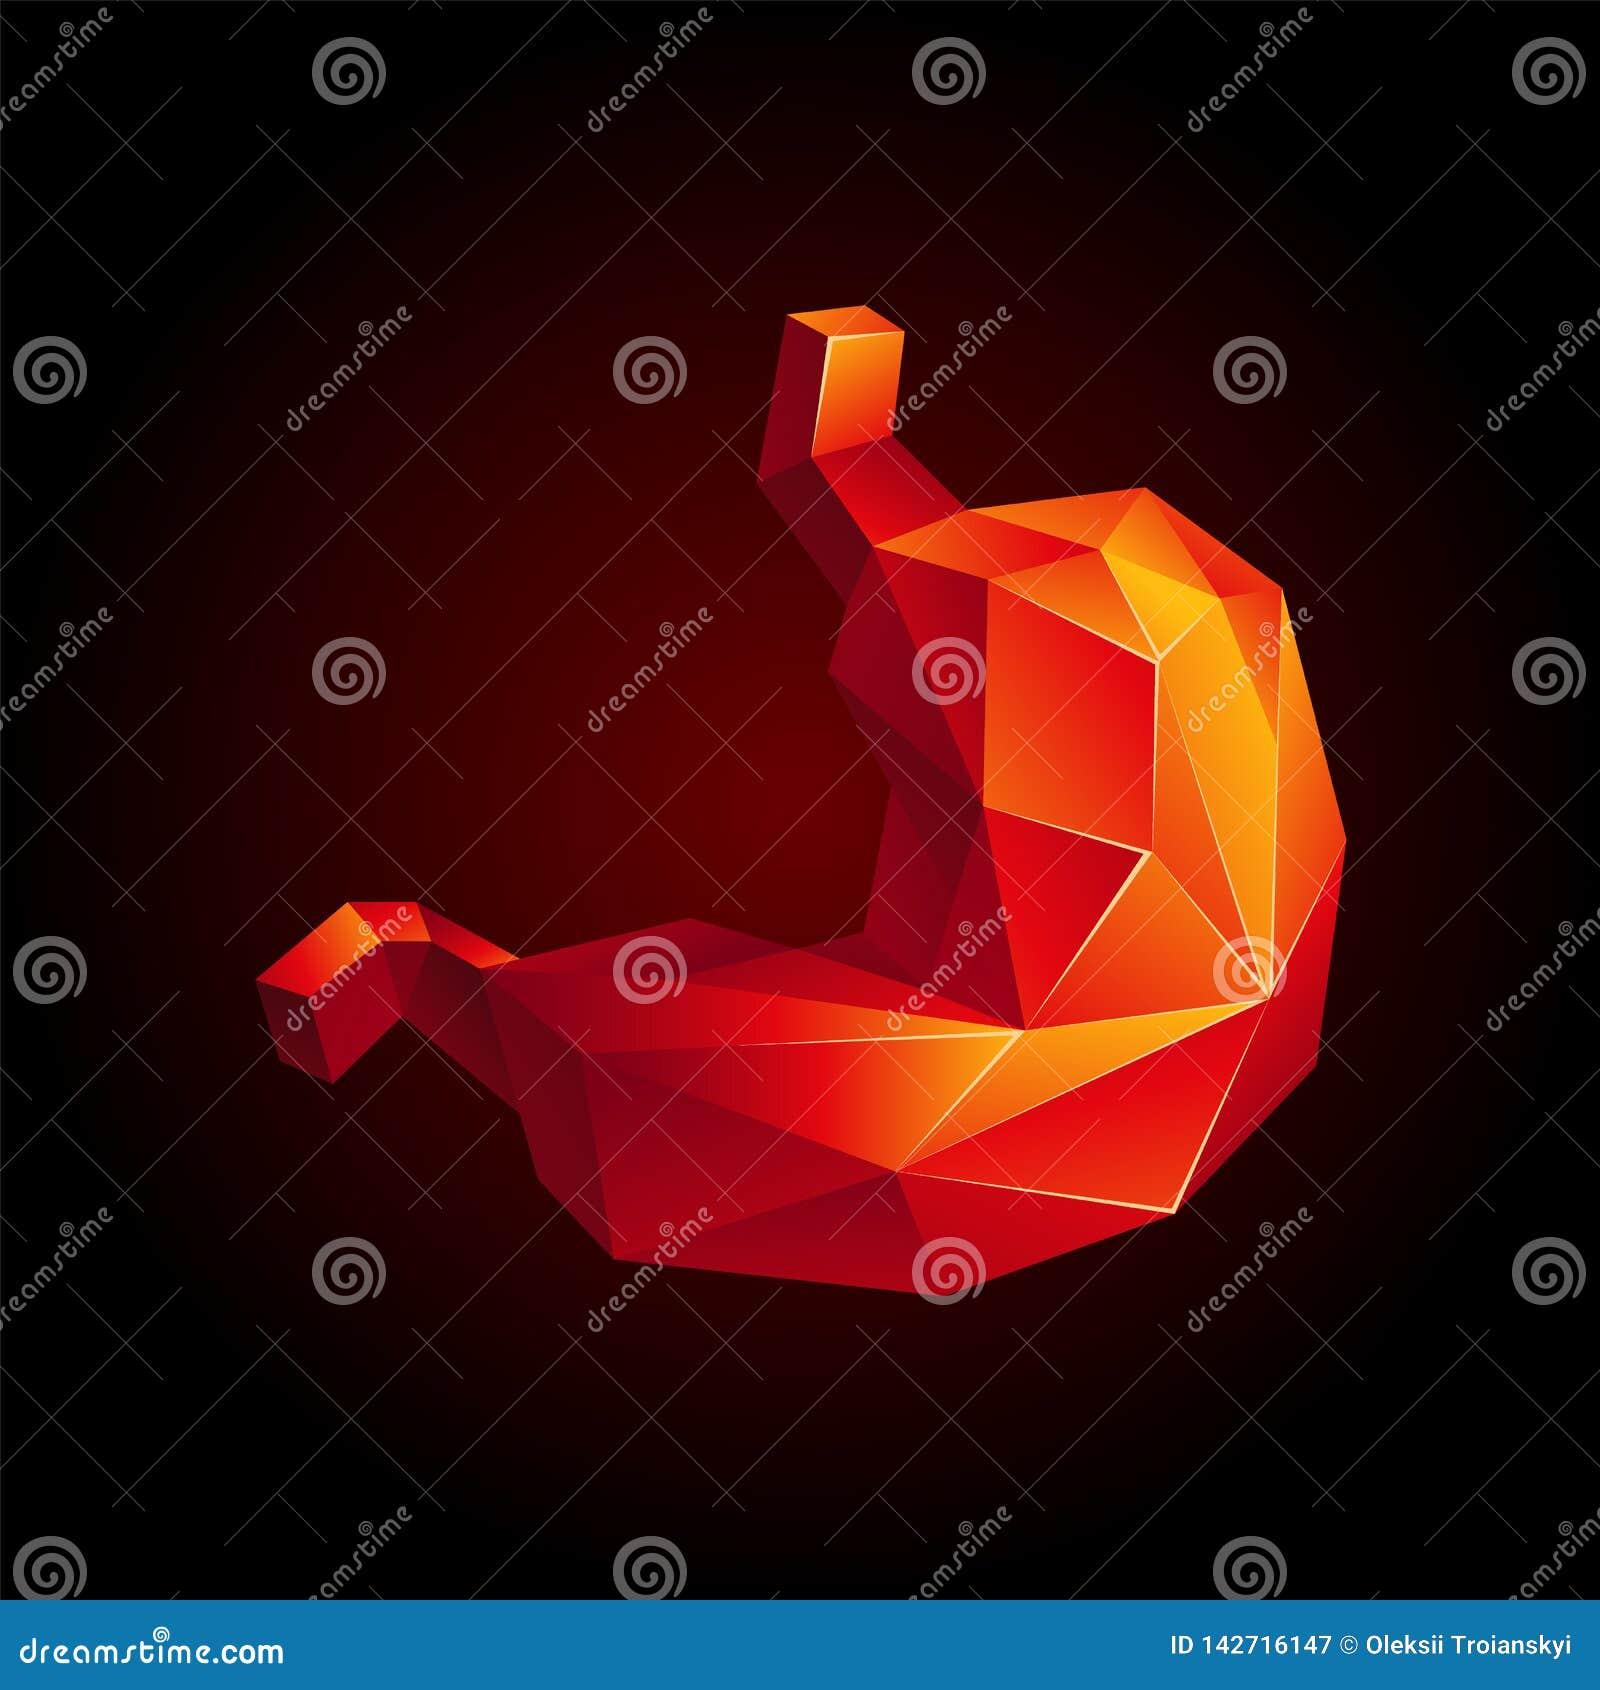 Κόκκινο χαμηλό πολυ ανθρώπινο στομάχι σε ένα μαύρο υπόβαθρο Αφηρημένο όργανο ανατομίας Στομάχι στο τρισδιάστατο ύφος πολυγώνων